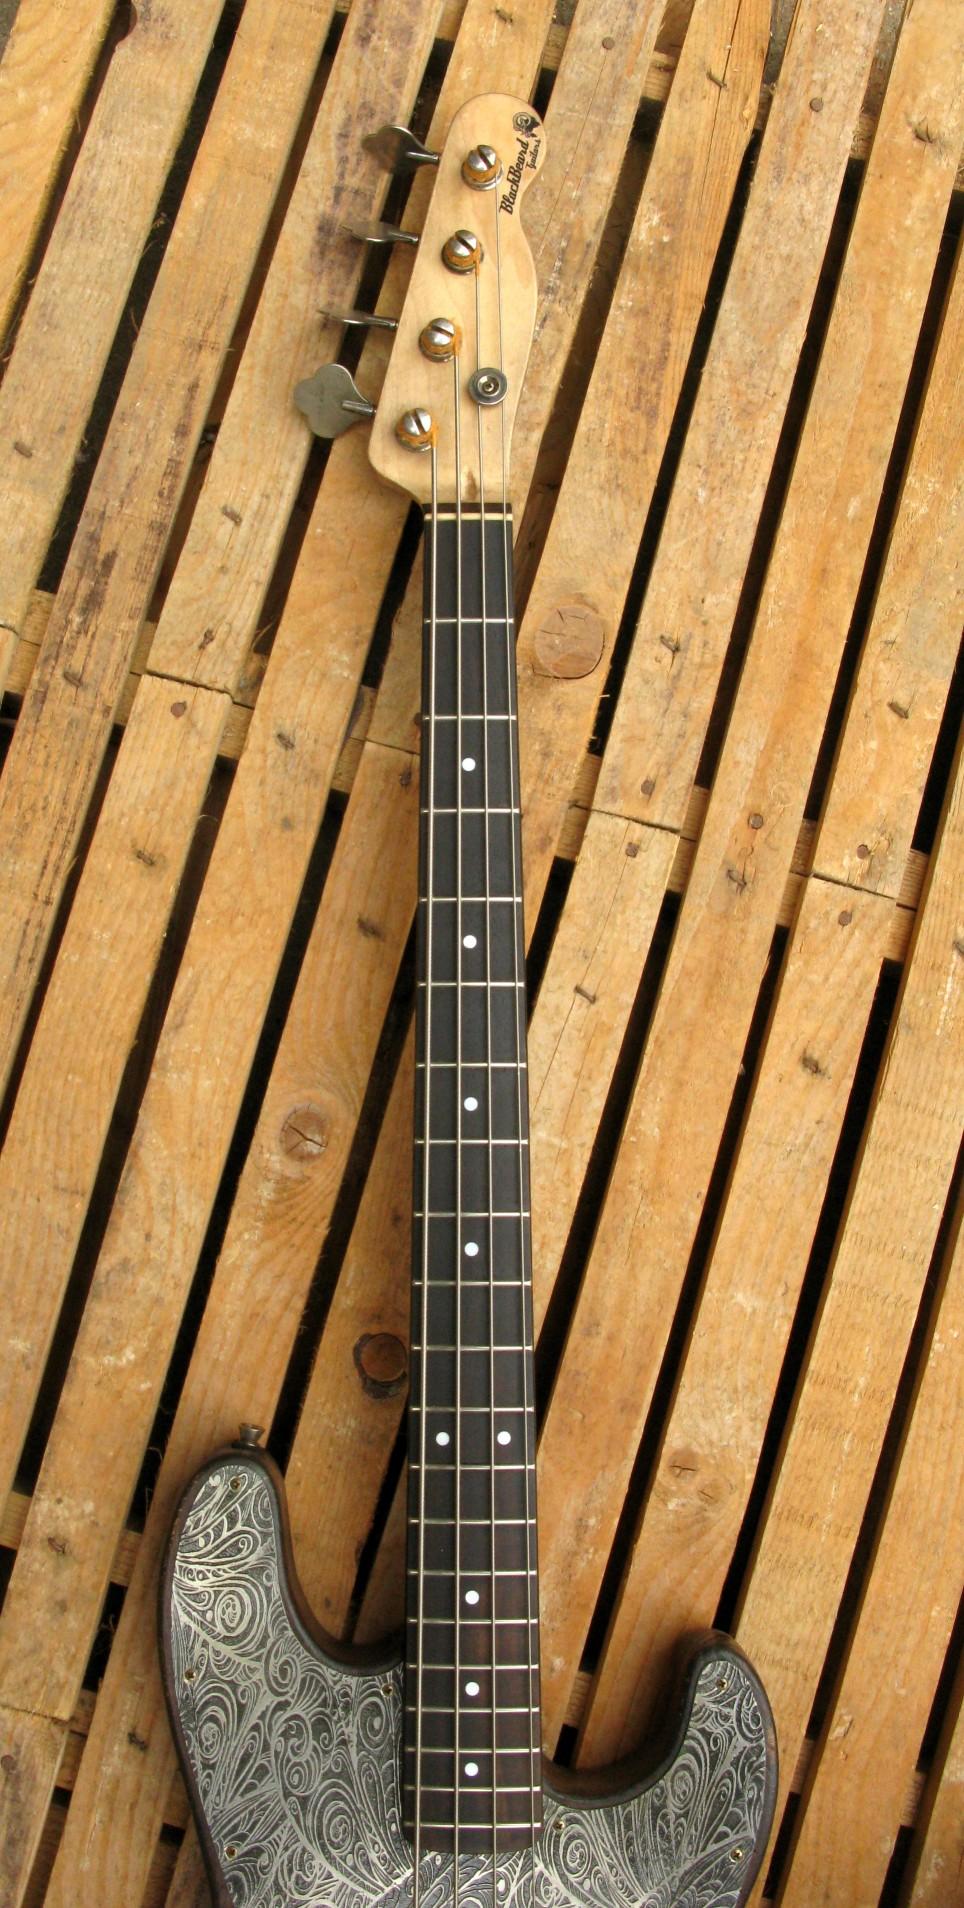 tastiera in palissandro di un basso Precision p-51 in pioppo